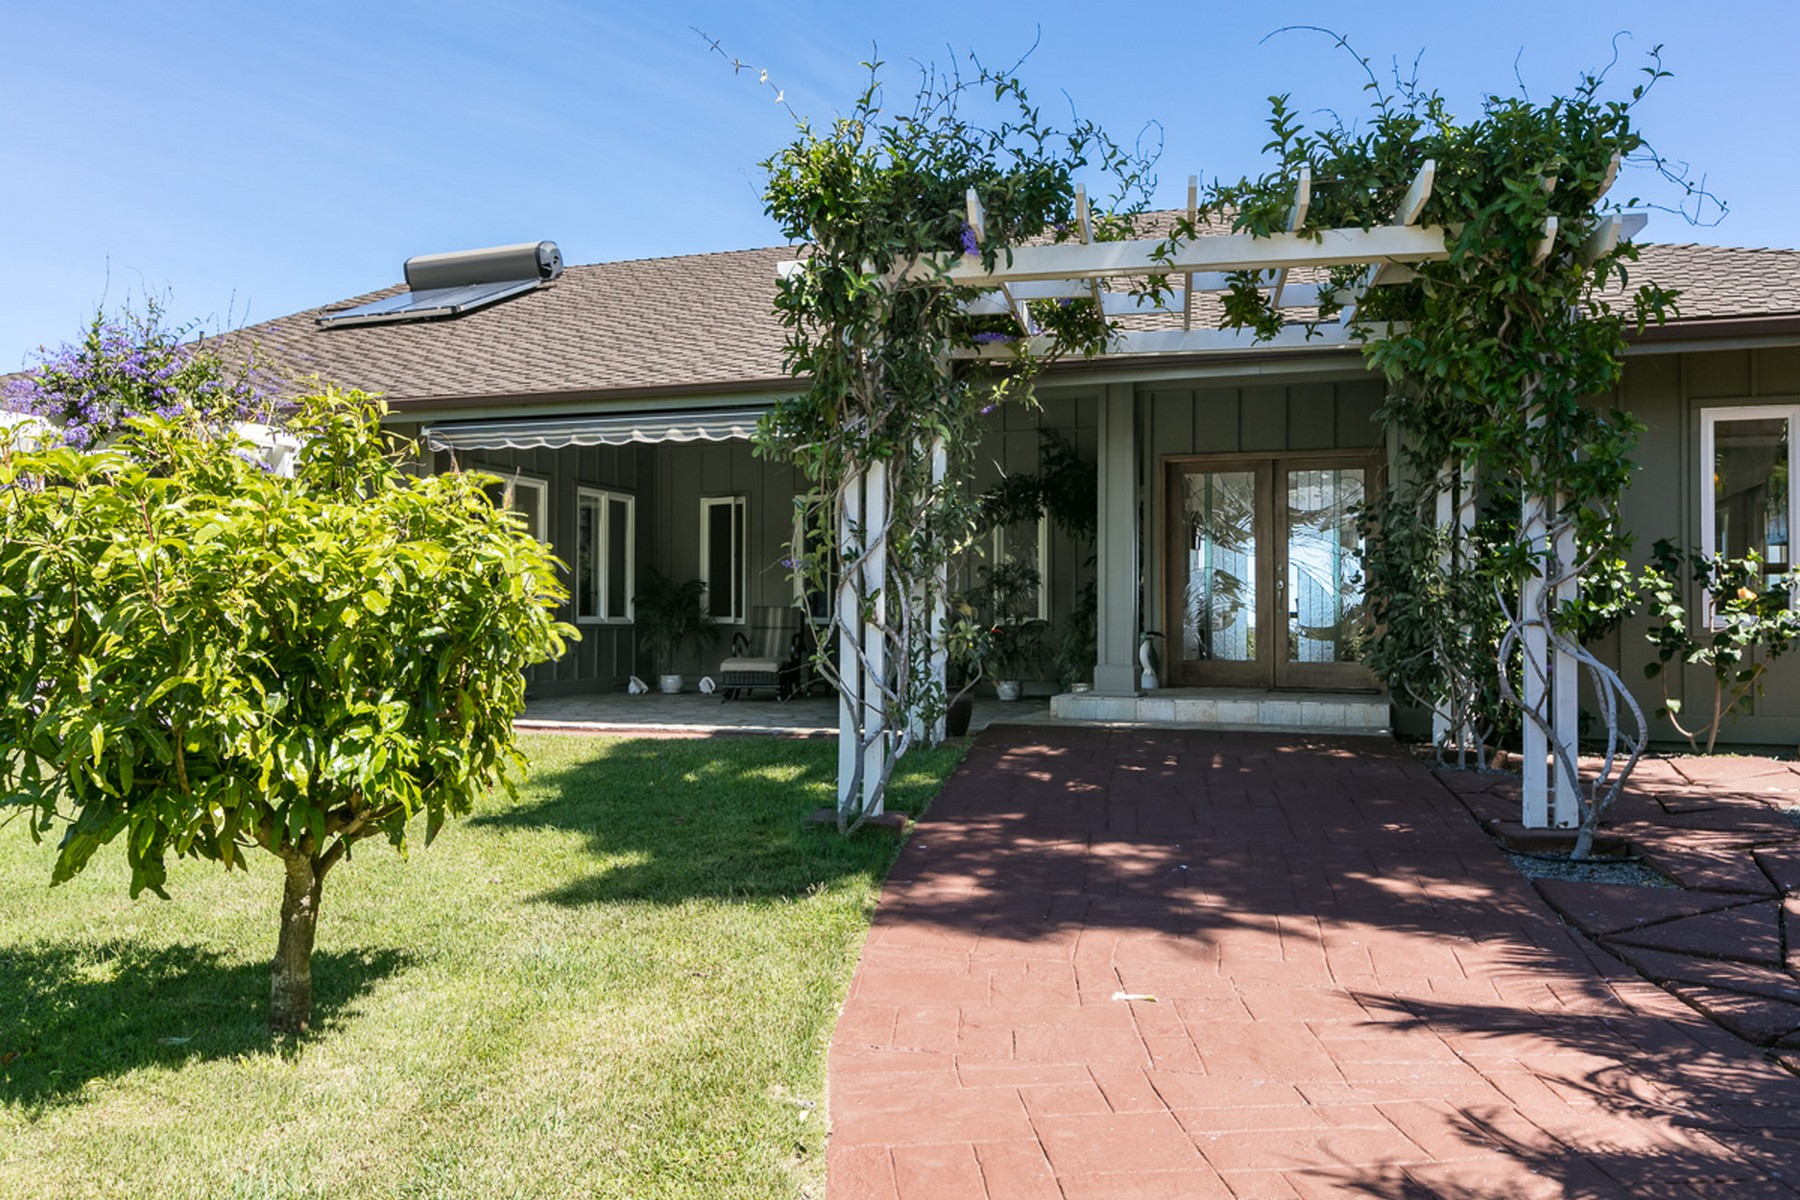 Maison unifamiliale pour l Vente à Puu Lani Ranch 71-1778 Puu Lani Dr Kailua-Kona, Hawaii, 96740 États-Unis